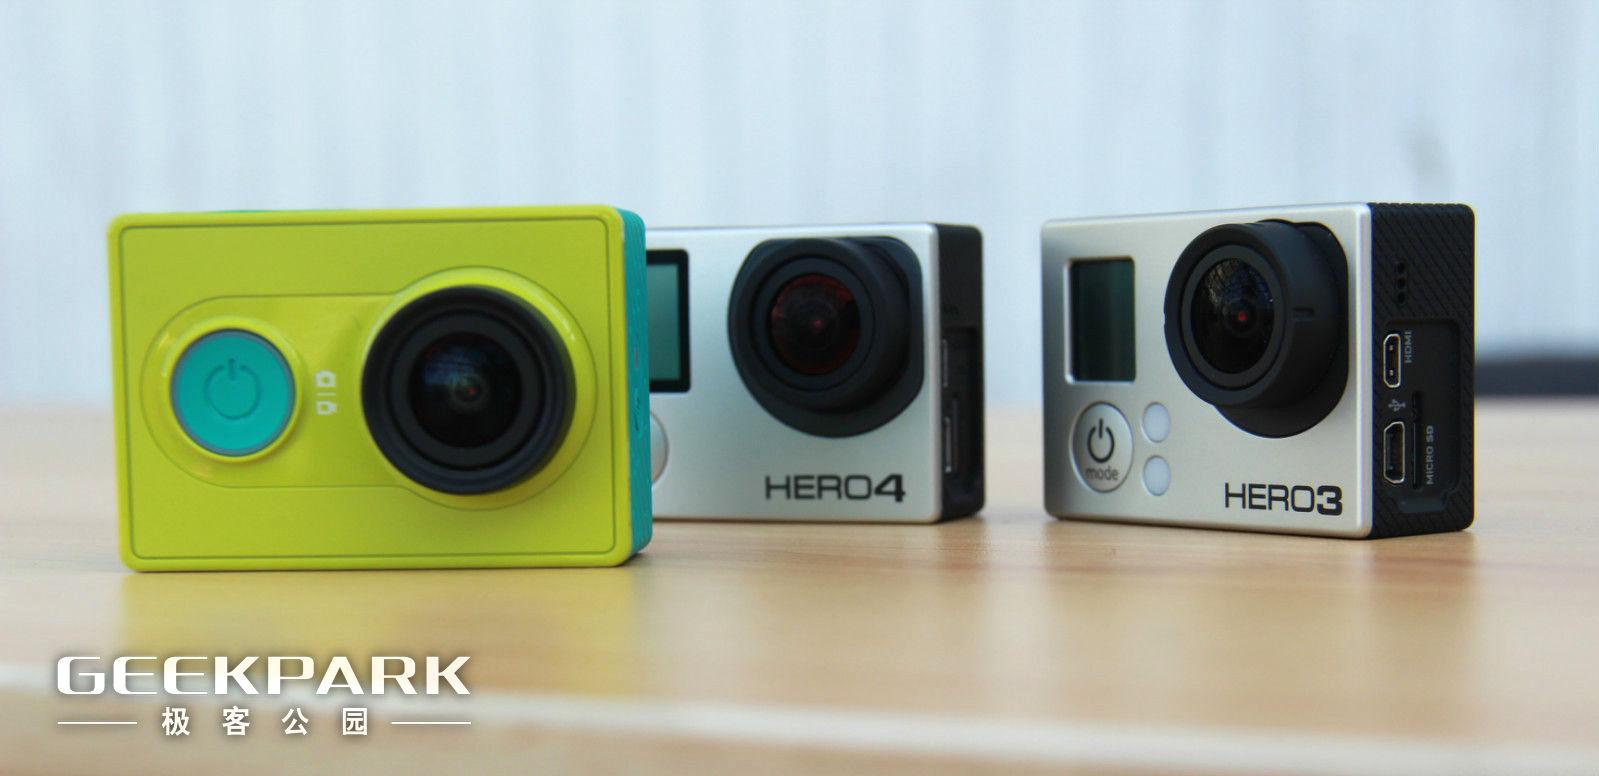 首发体验 | 小米的运动相机与GoPro能比吗? | 极客公园